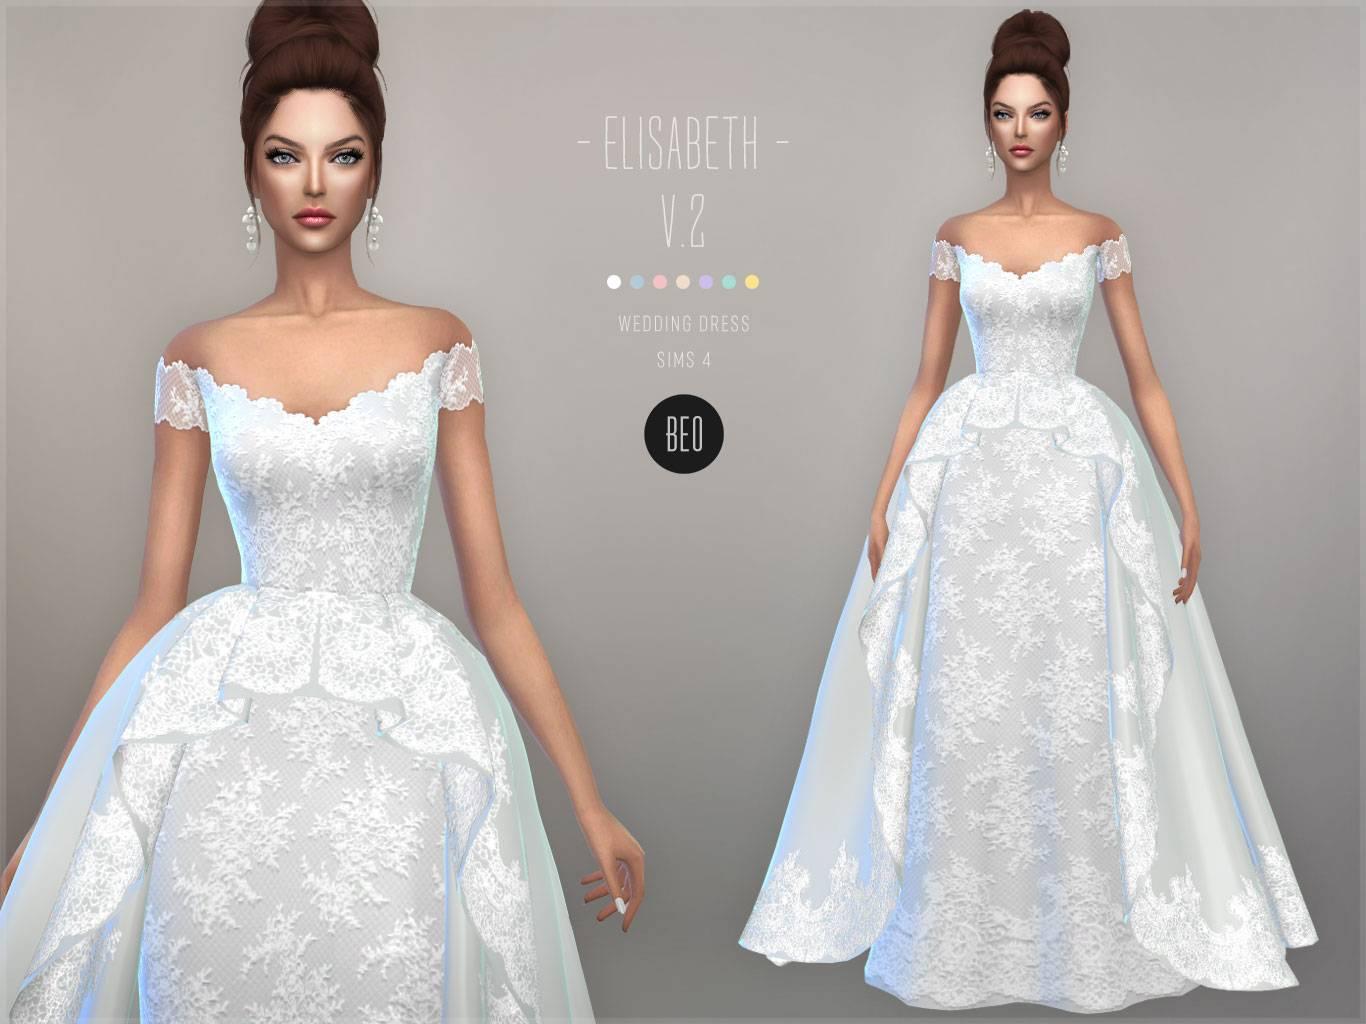 Свадебное платье - ELISABETH V.2